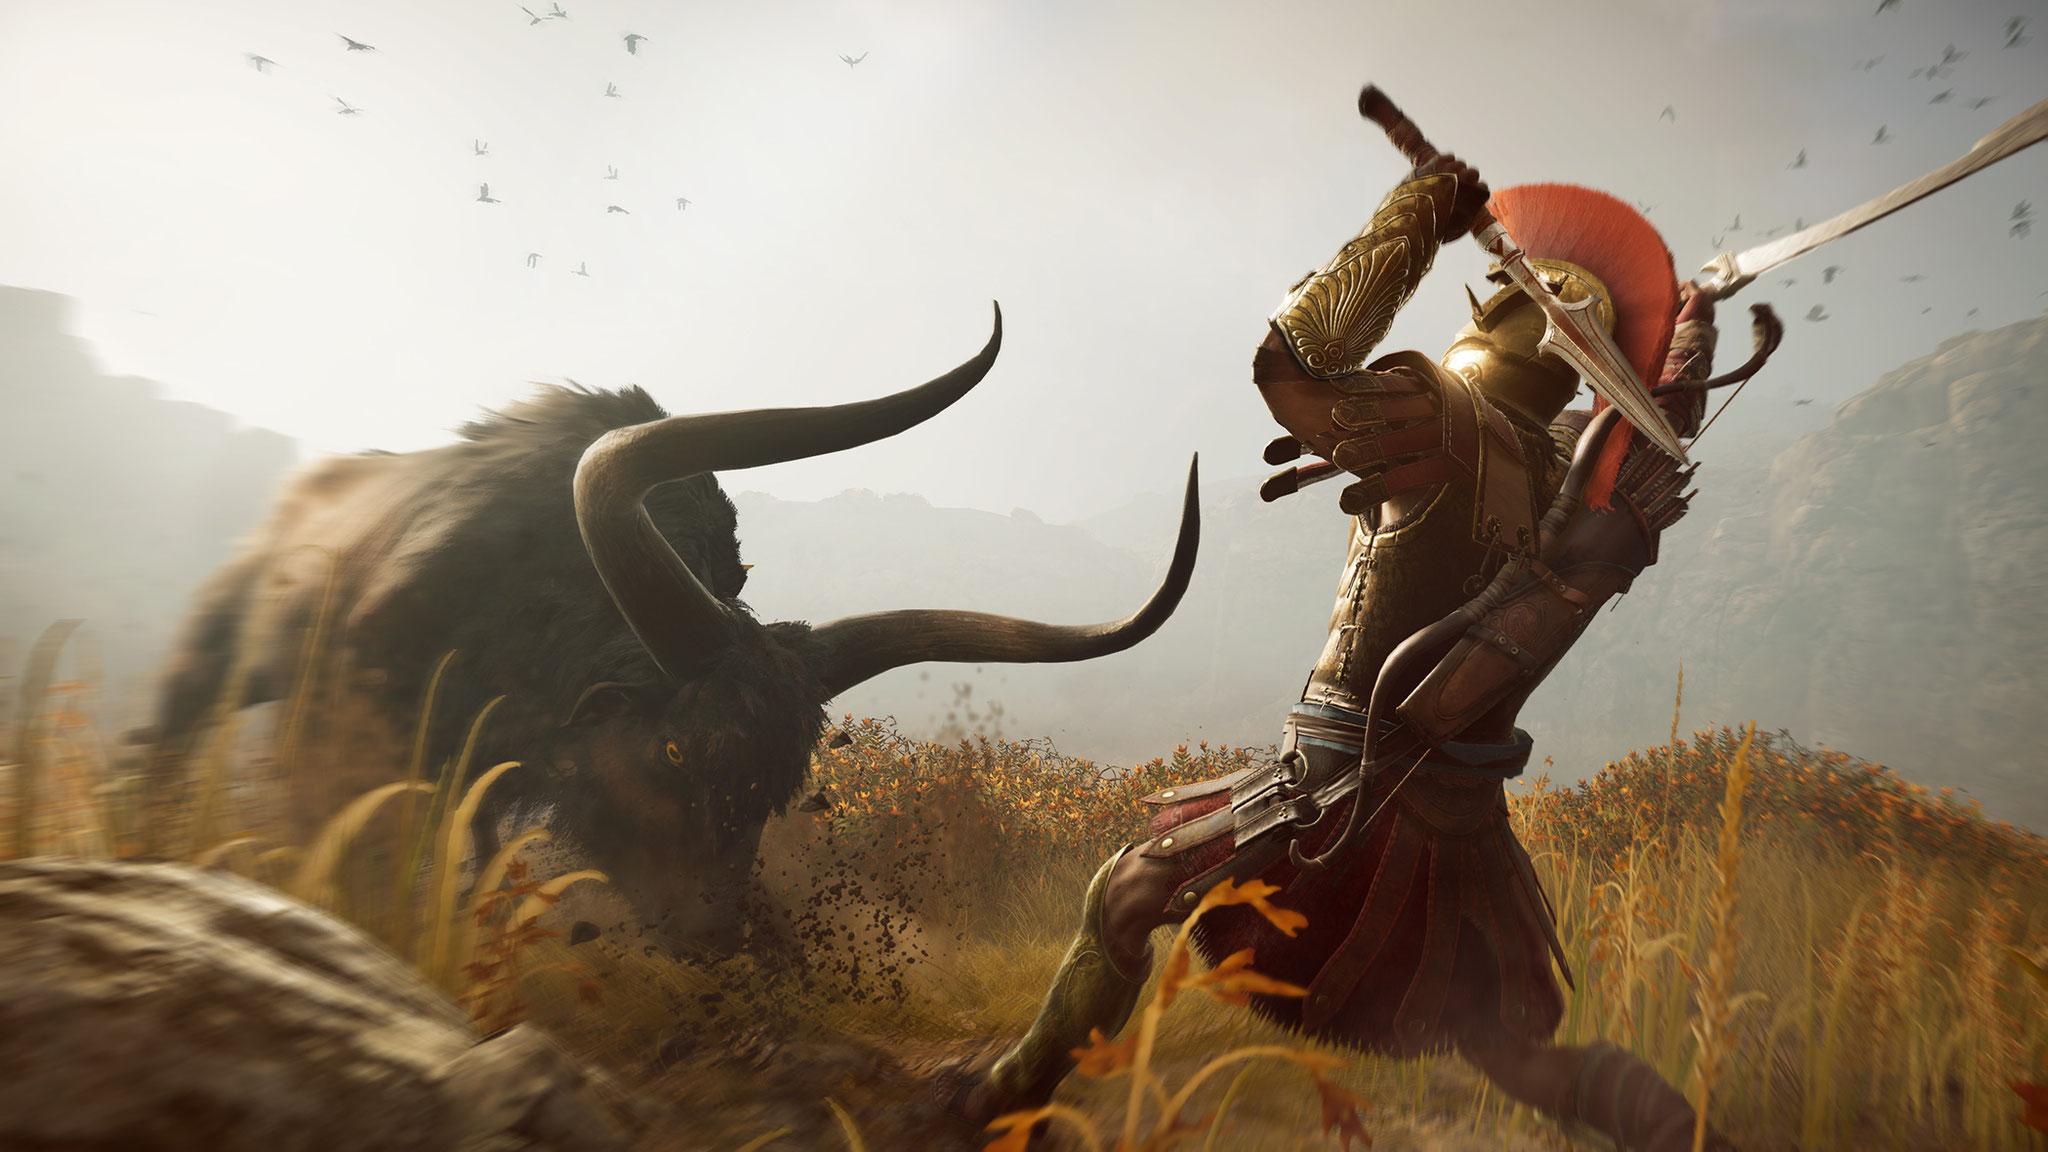 Der Spartaner und das liebe Vieh: Aggressives Getier liefert Ressourcen, um Ausrüstung und Schiff zu verbessern.